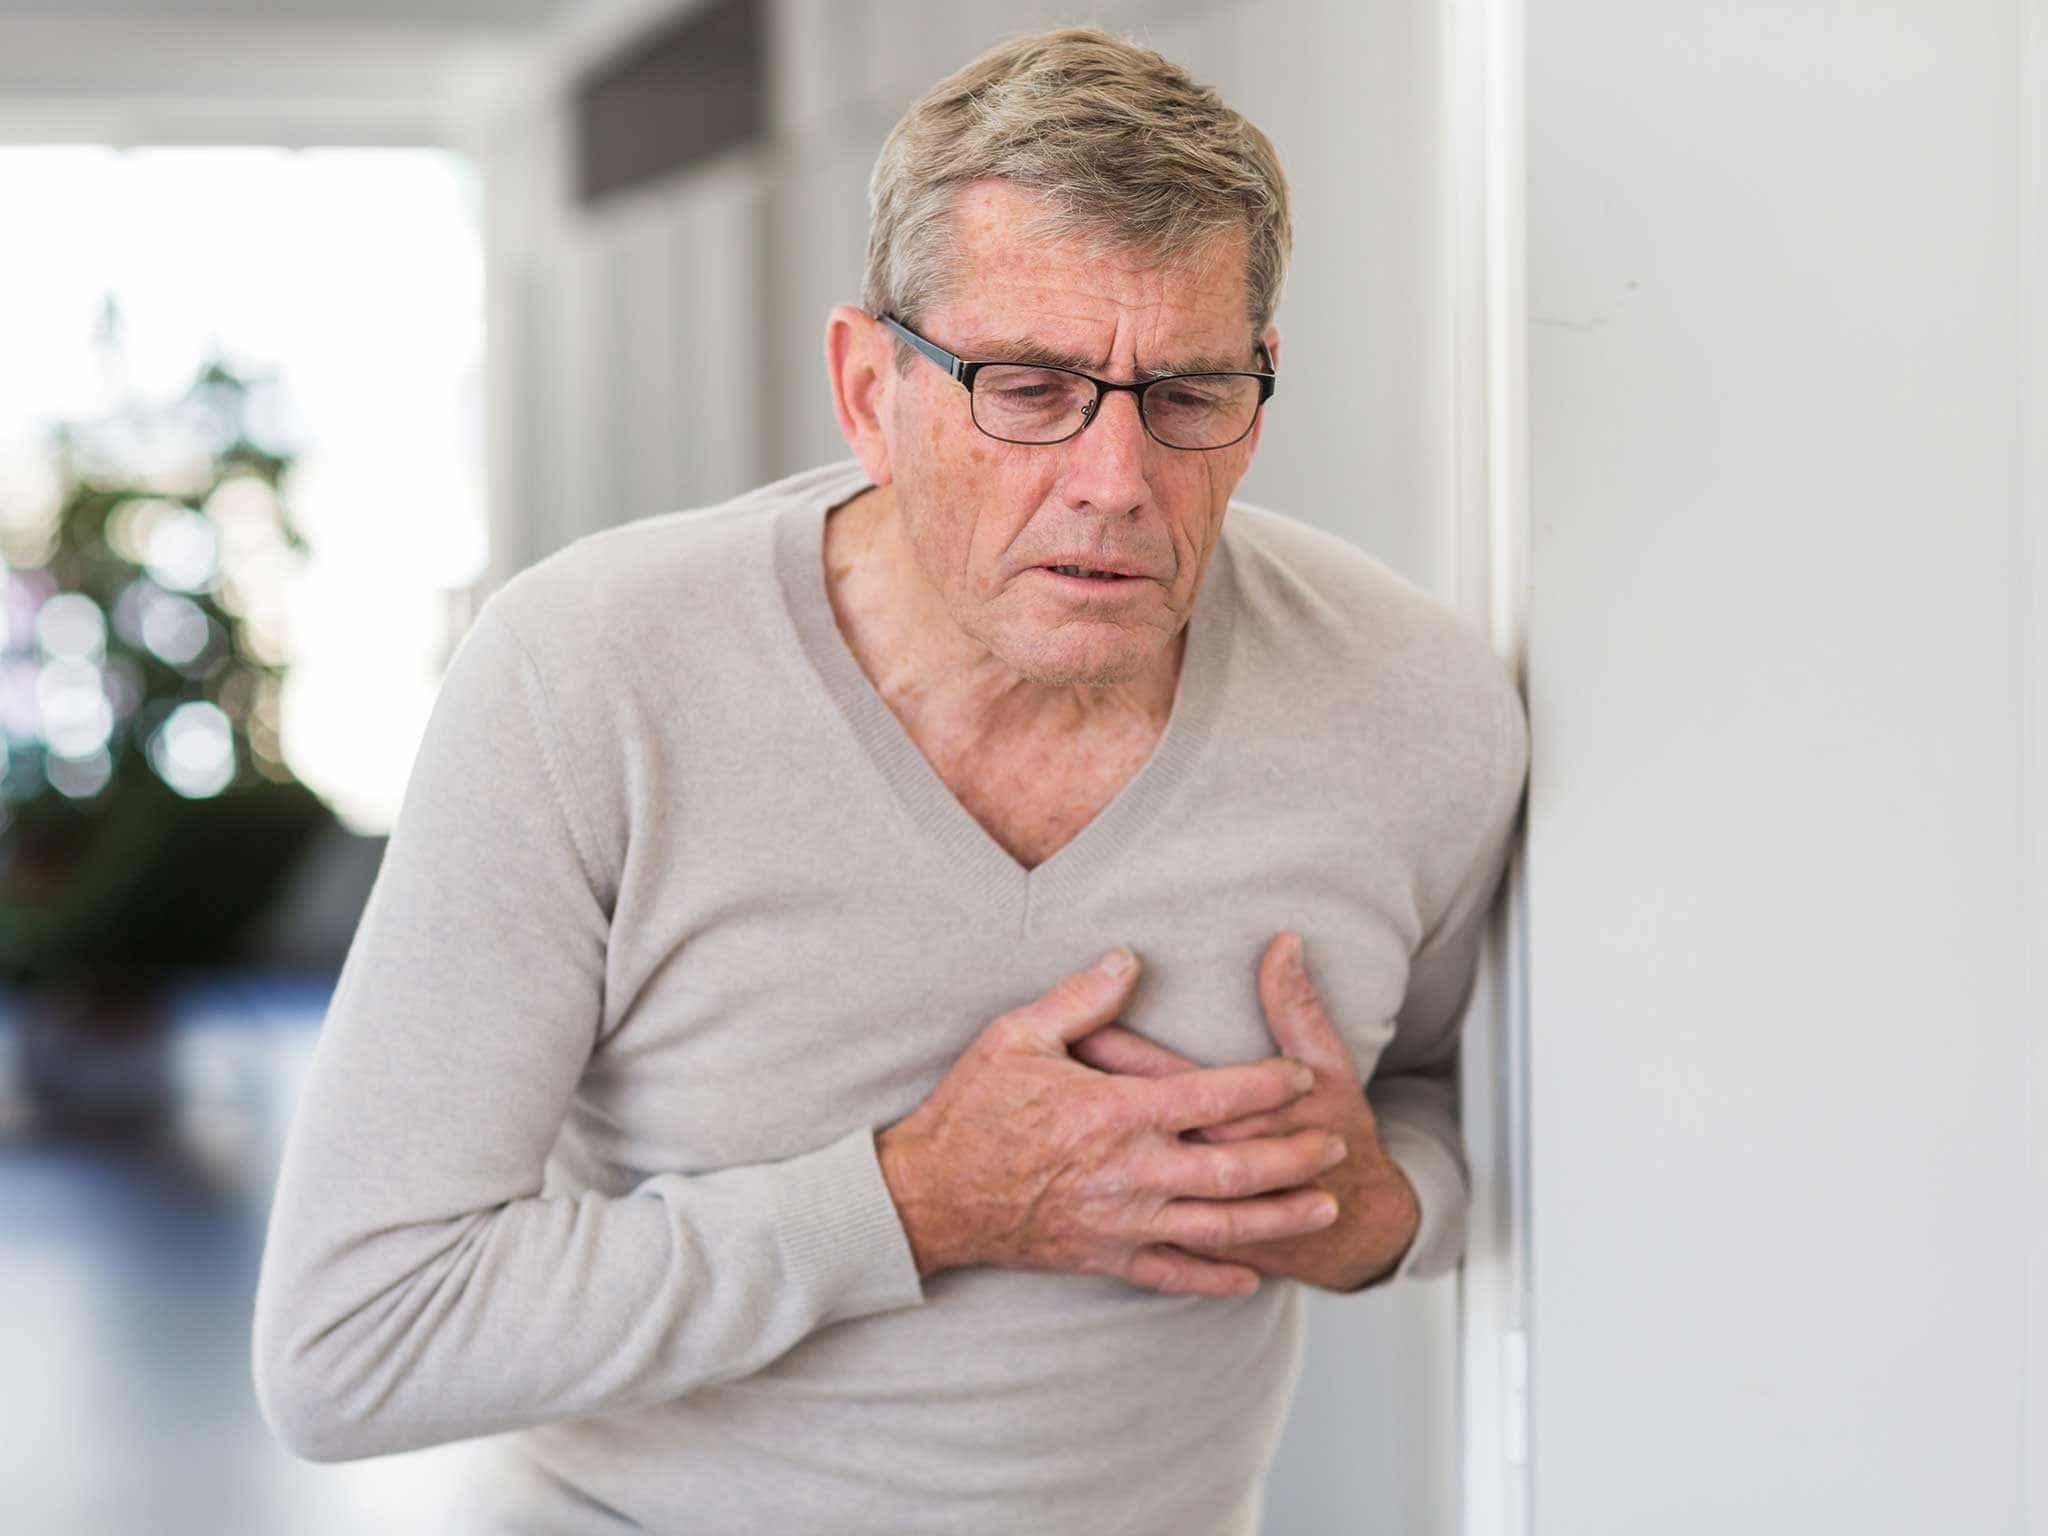 8 sinais que seu corpo dá 1 mês antes de infartar